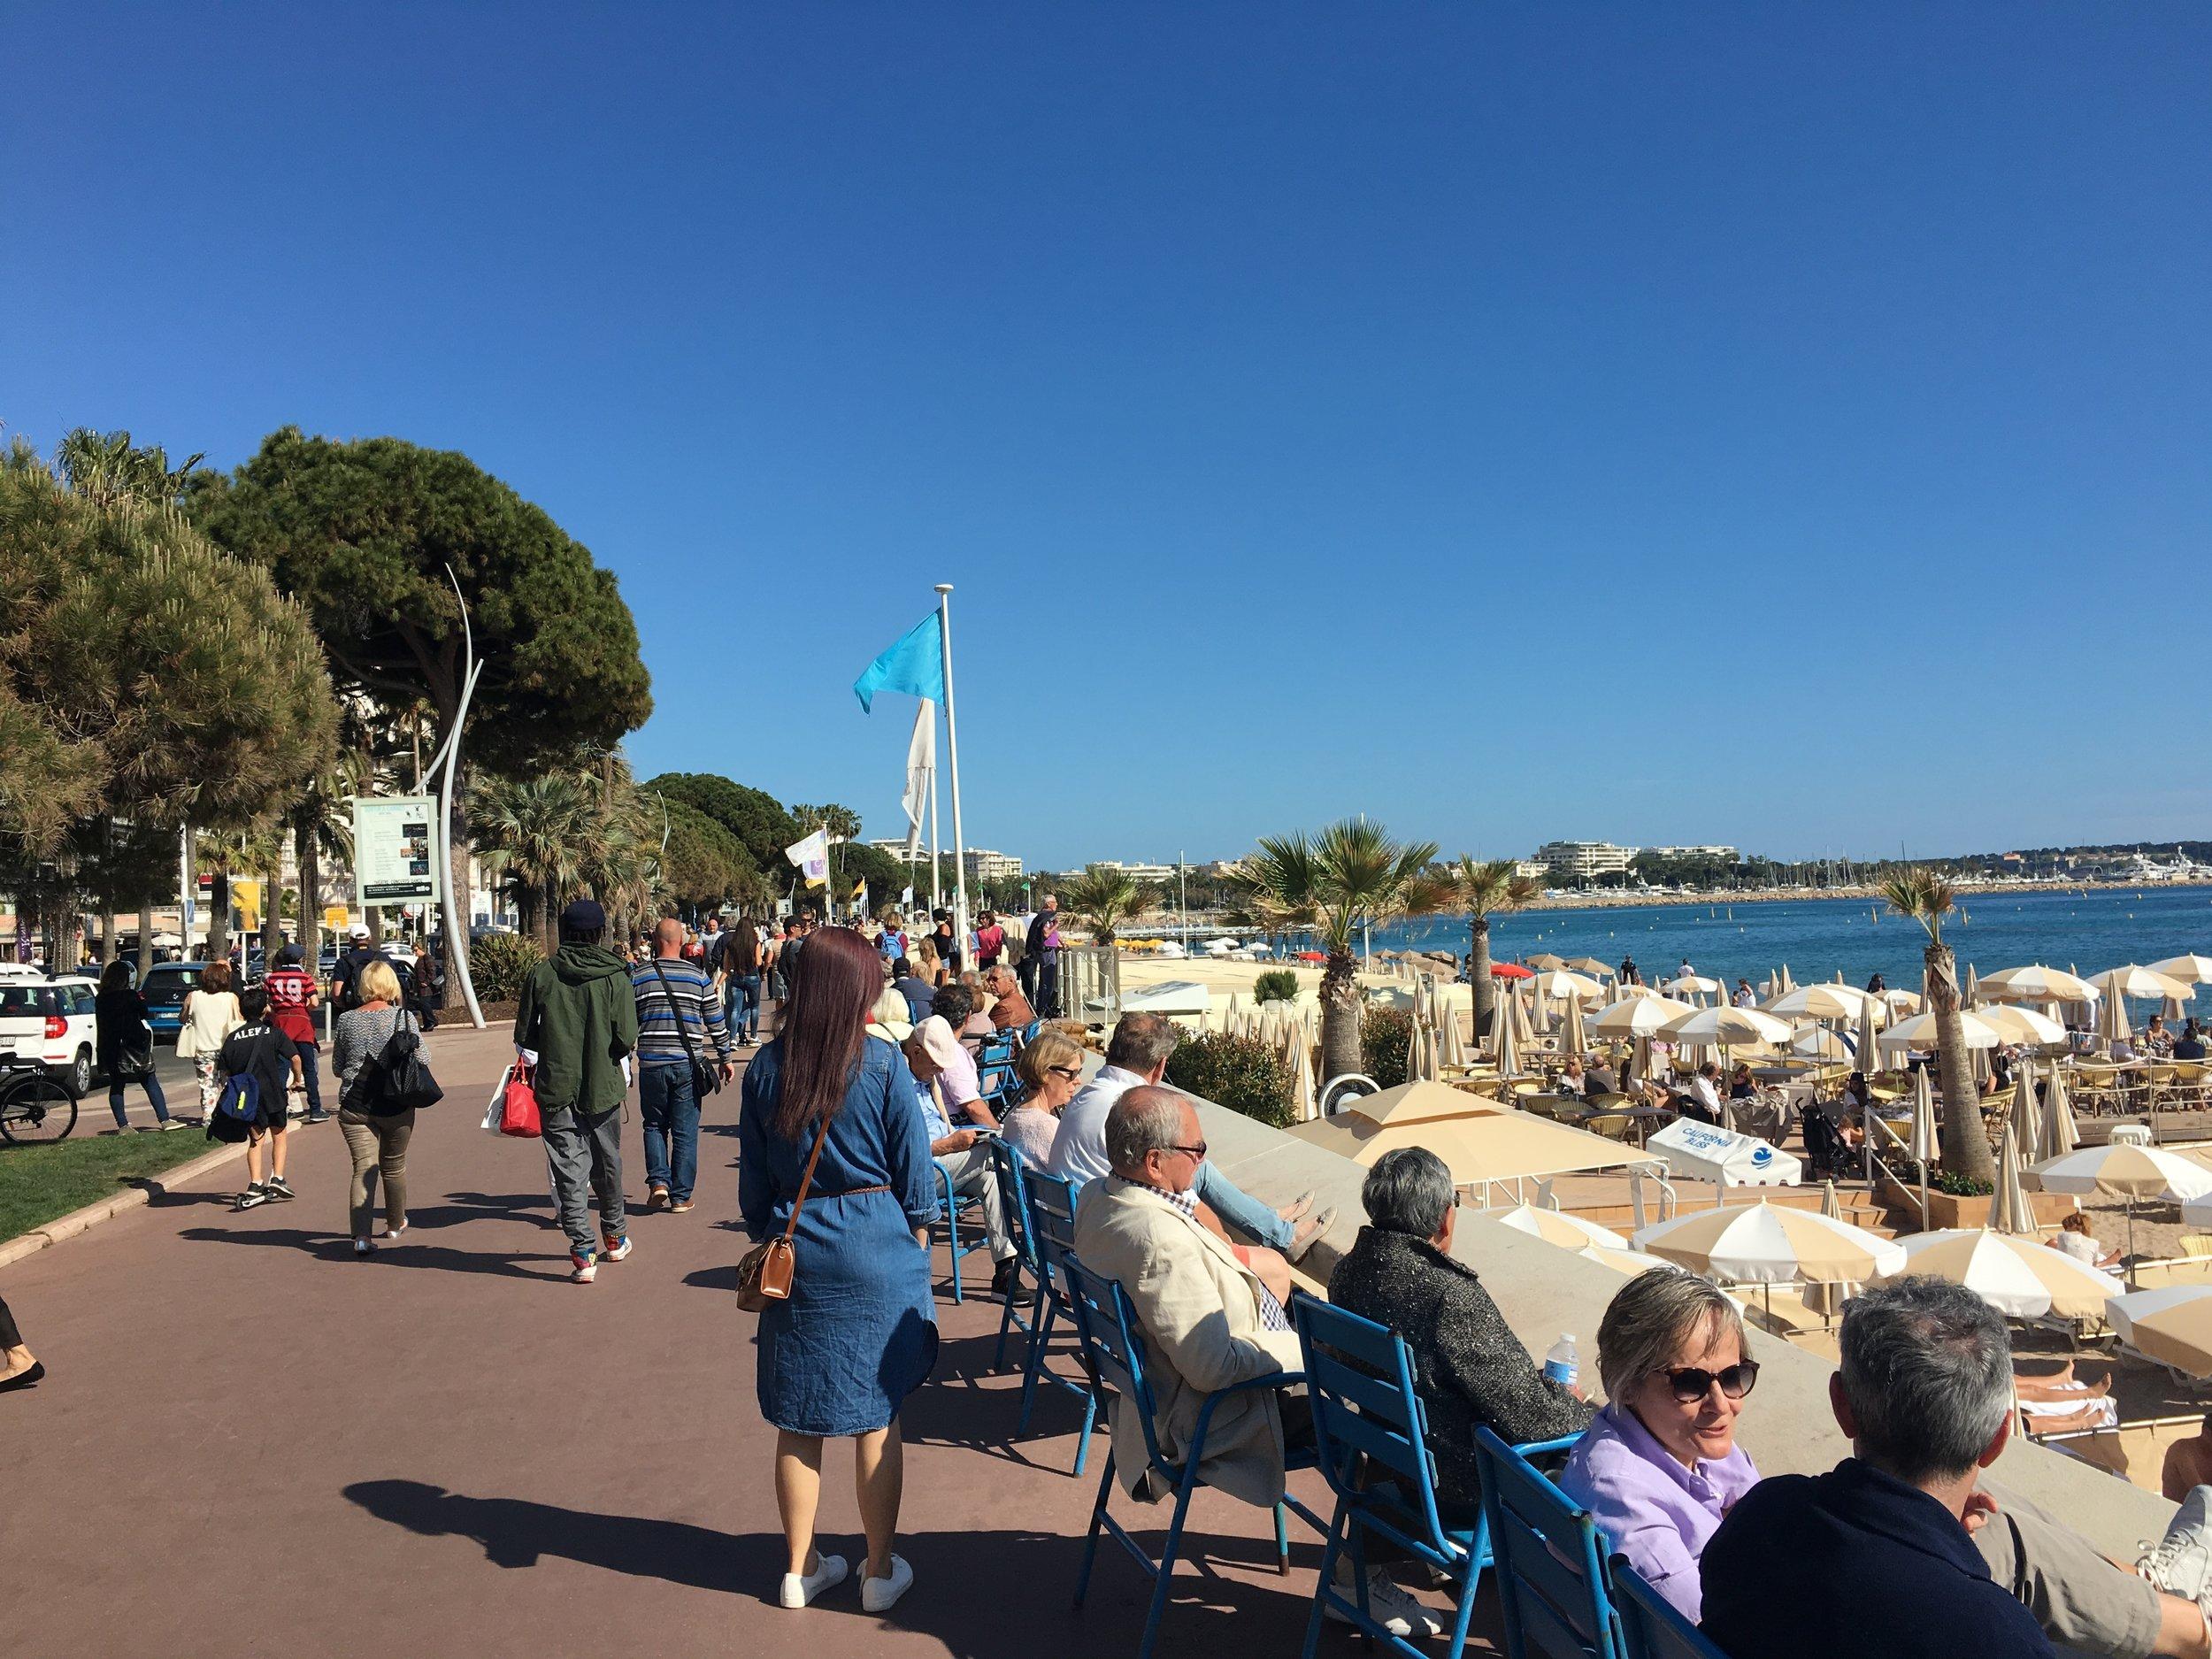 On the famous Boulevard de la Croisette in Cannes